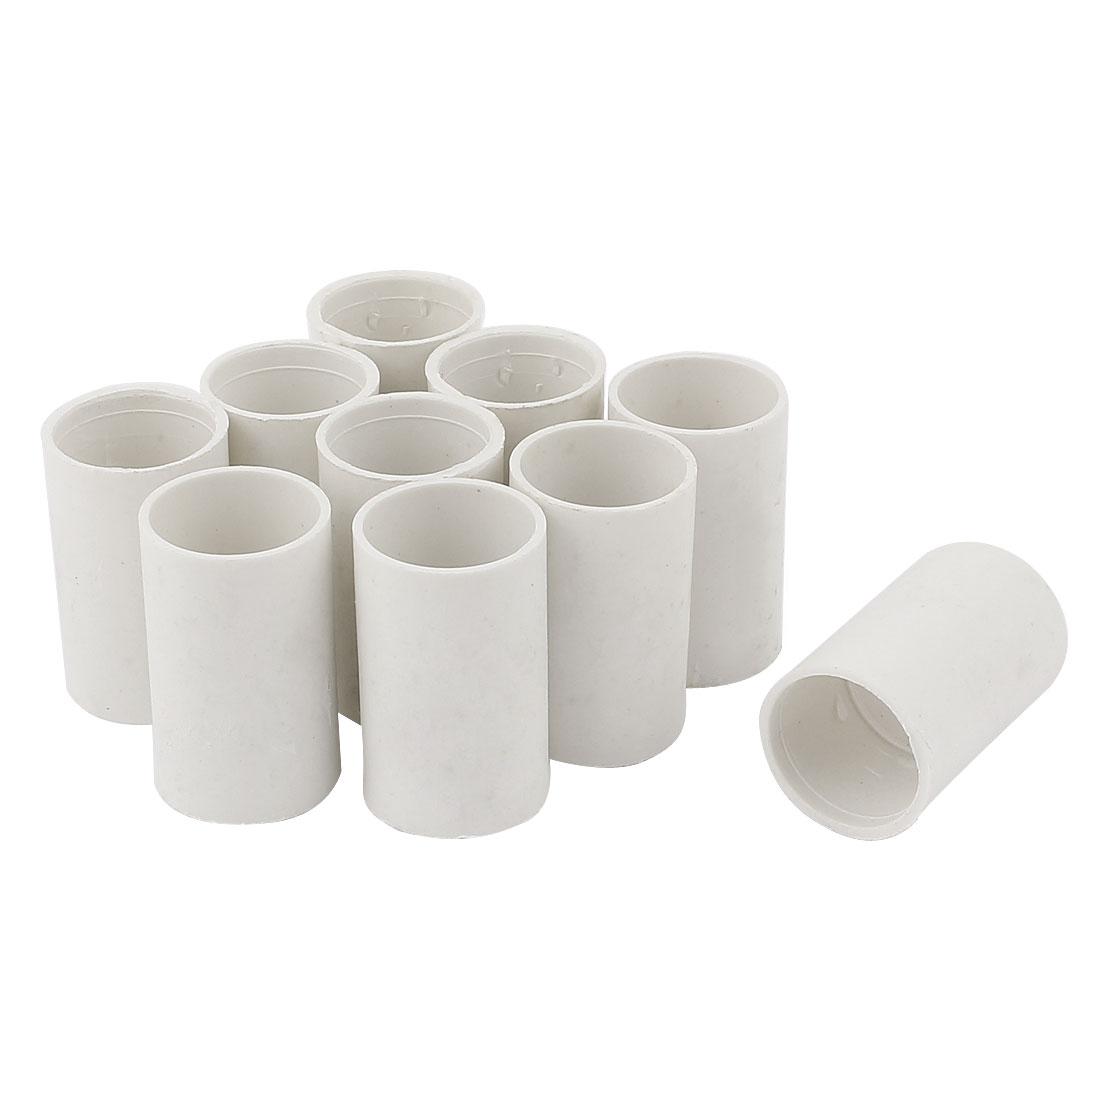 10 Pcs 20mm Inner Diameter Straight PVC White Tube Pipe Connectors Fittings